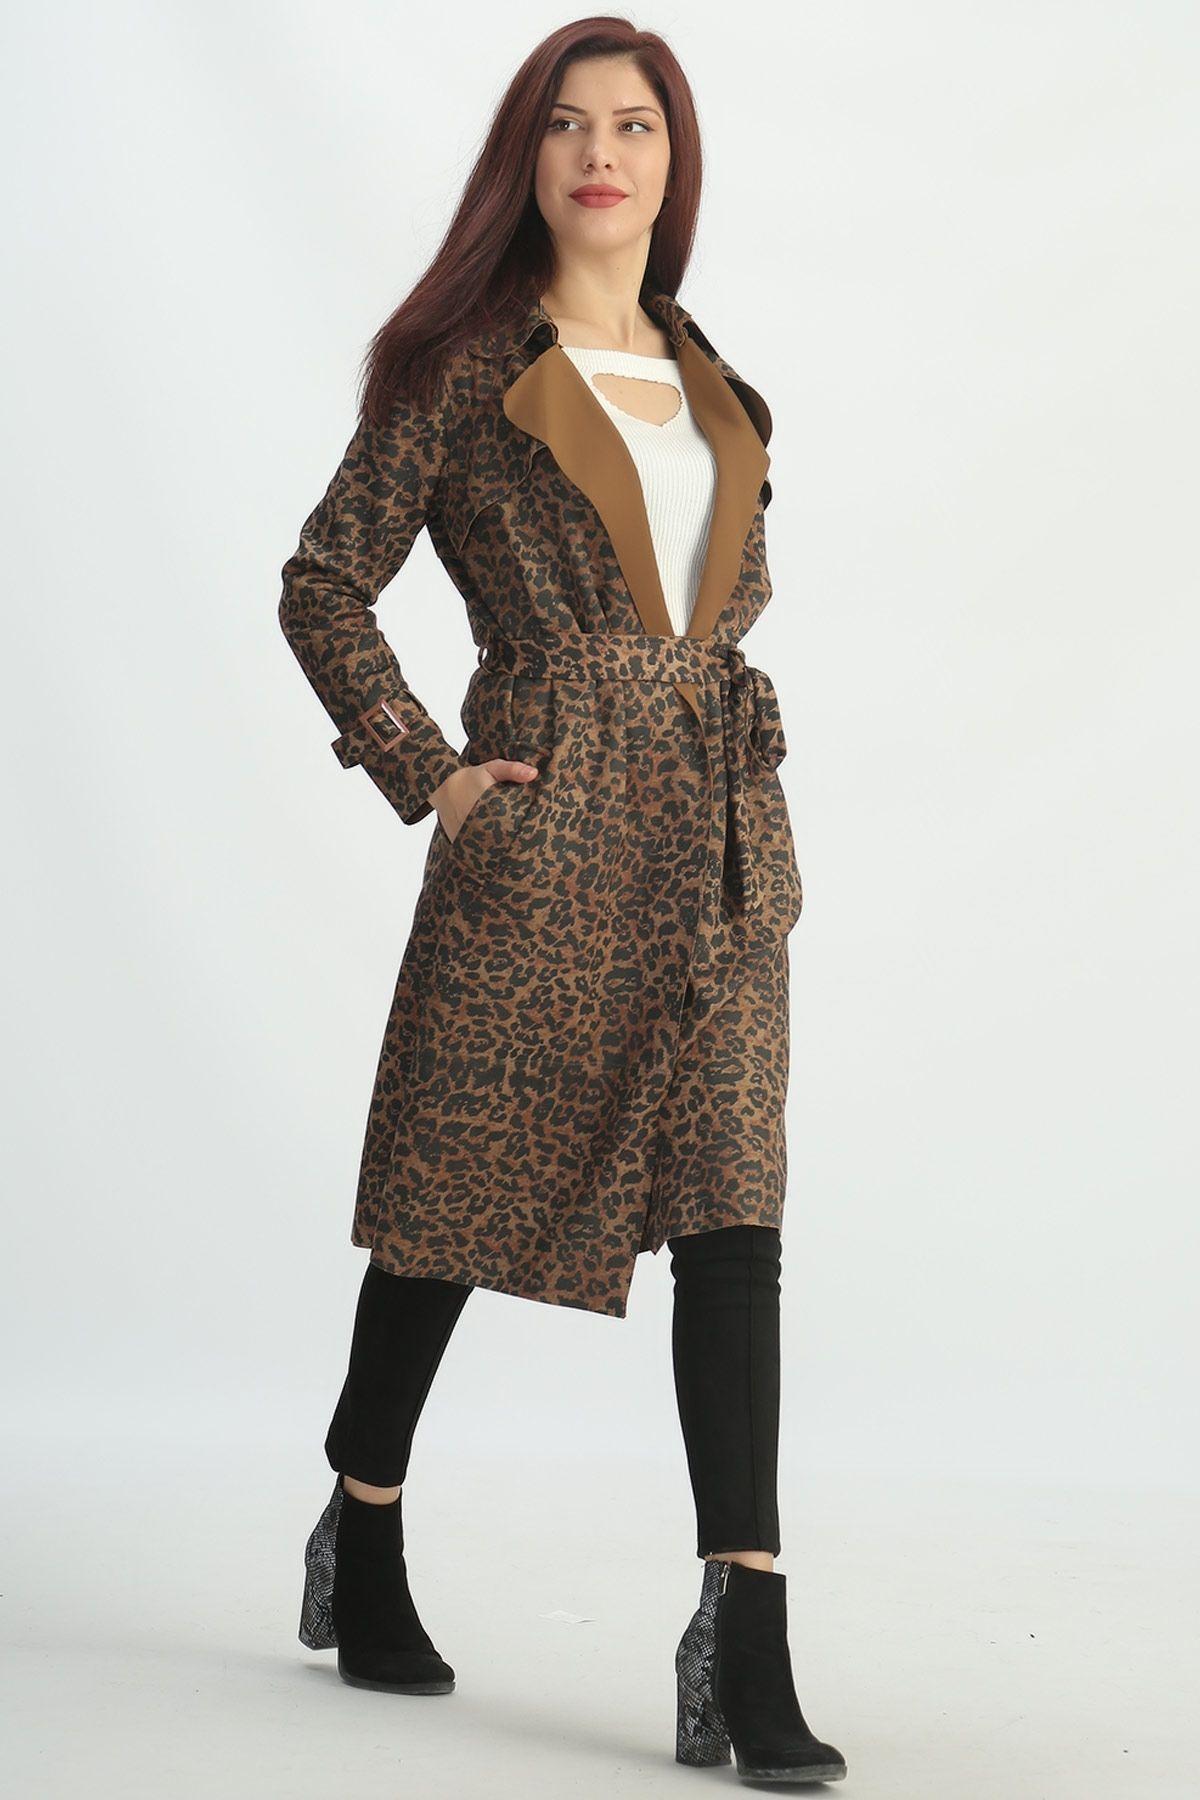 1080b4ca30063 Kadın ve Erkek Giyim Online Alışveriş Sitesi sa. ŞAL YAKA LEOPAR DESENLİ  CEPLİ SÜET BAYAN